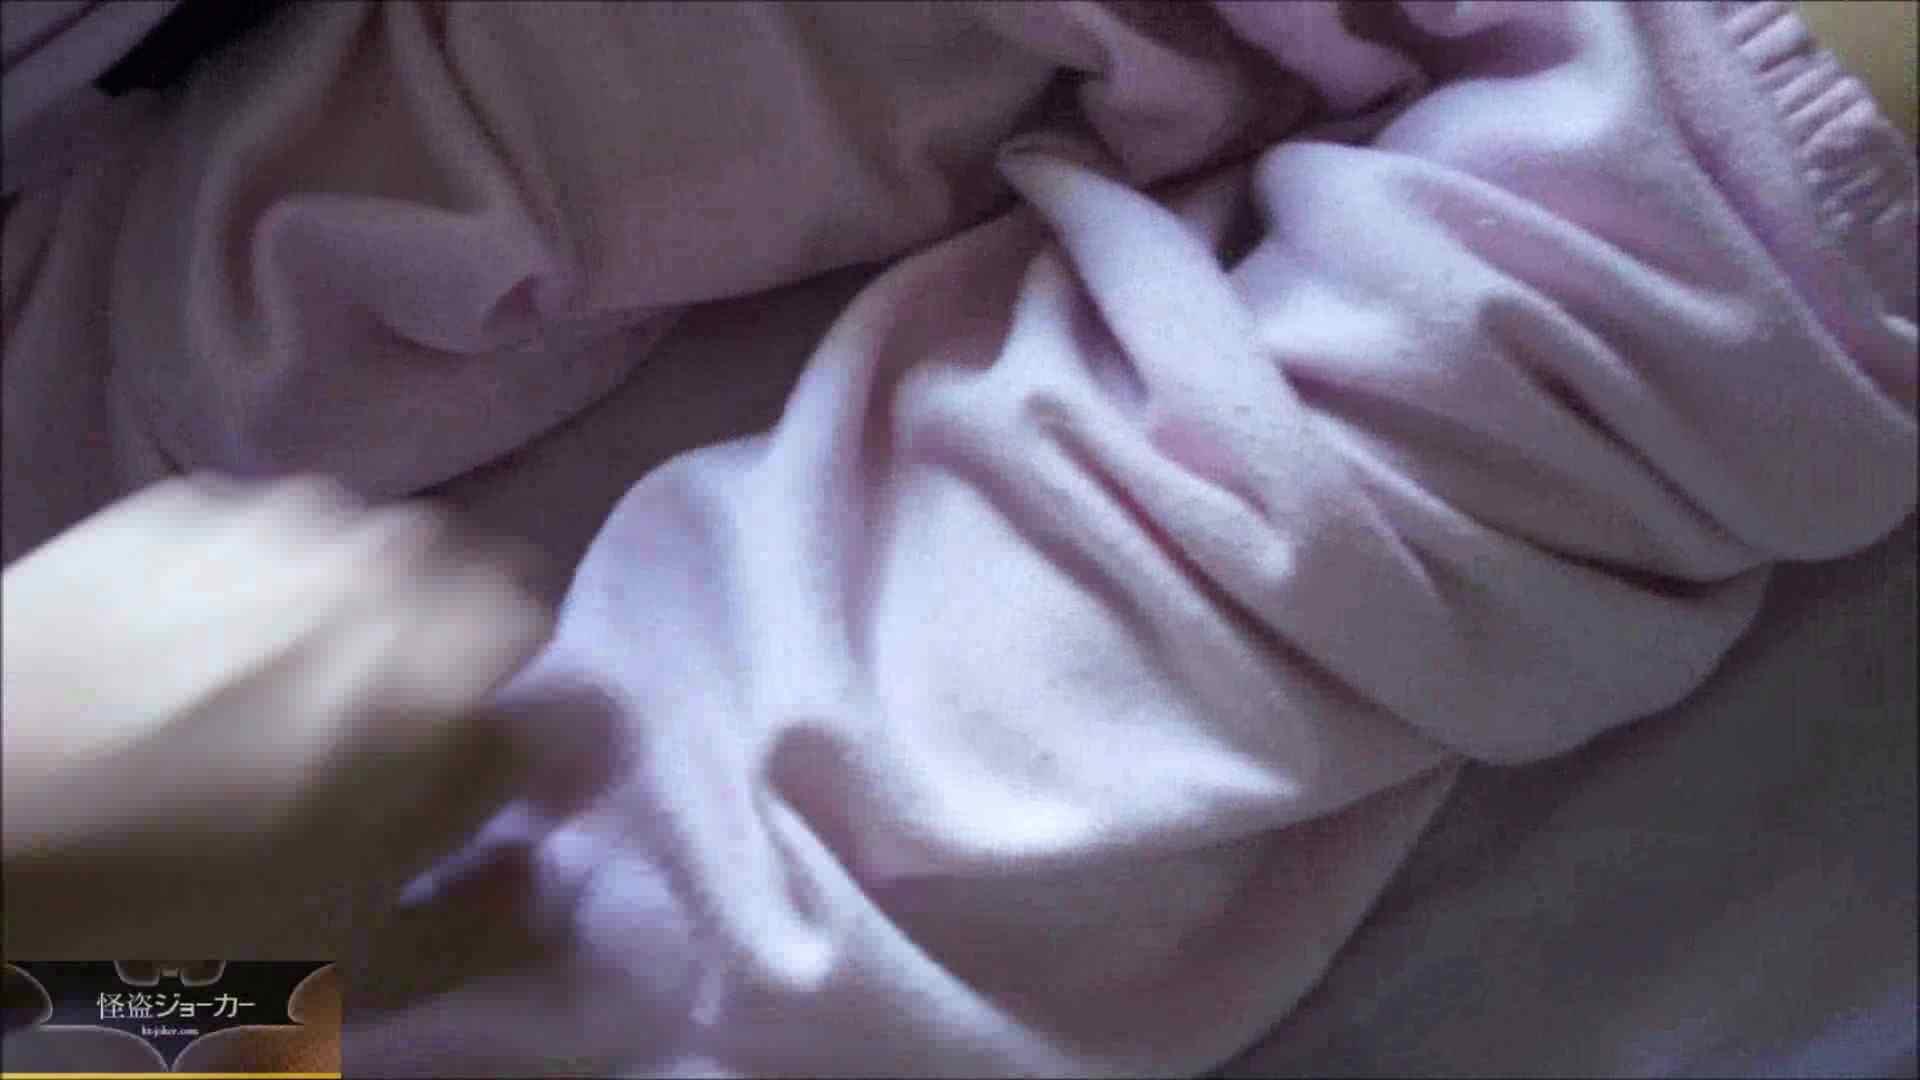 【未公開】vol.1 【ユリナの実女市・ヒトミ】若ママを目民らせて・・・ いじくり 戯れ無修正画像 106枚 76